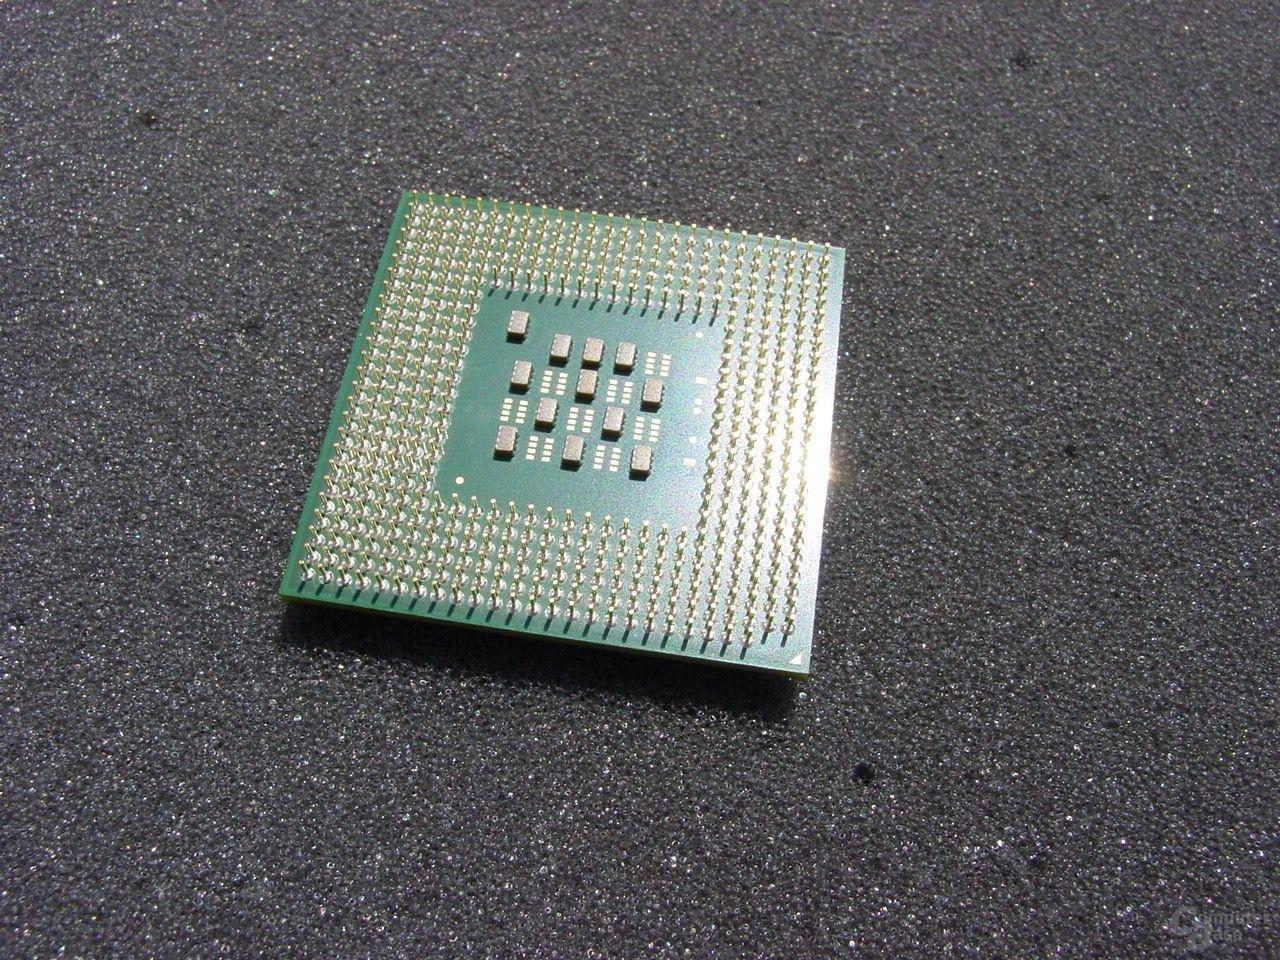 Intel Pentium 4 3,2 GHz von unten